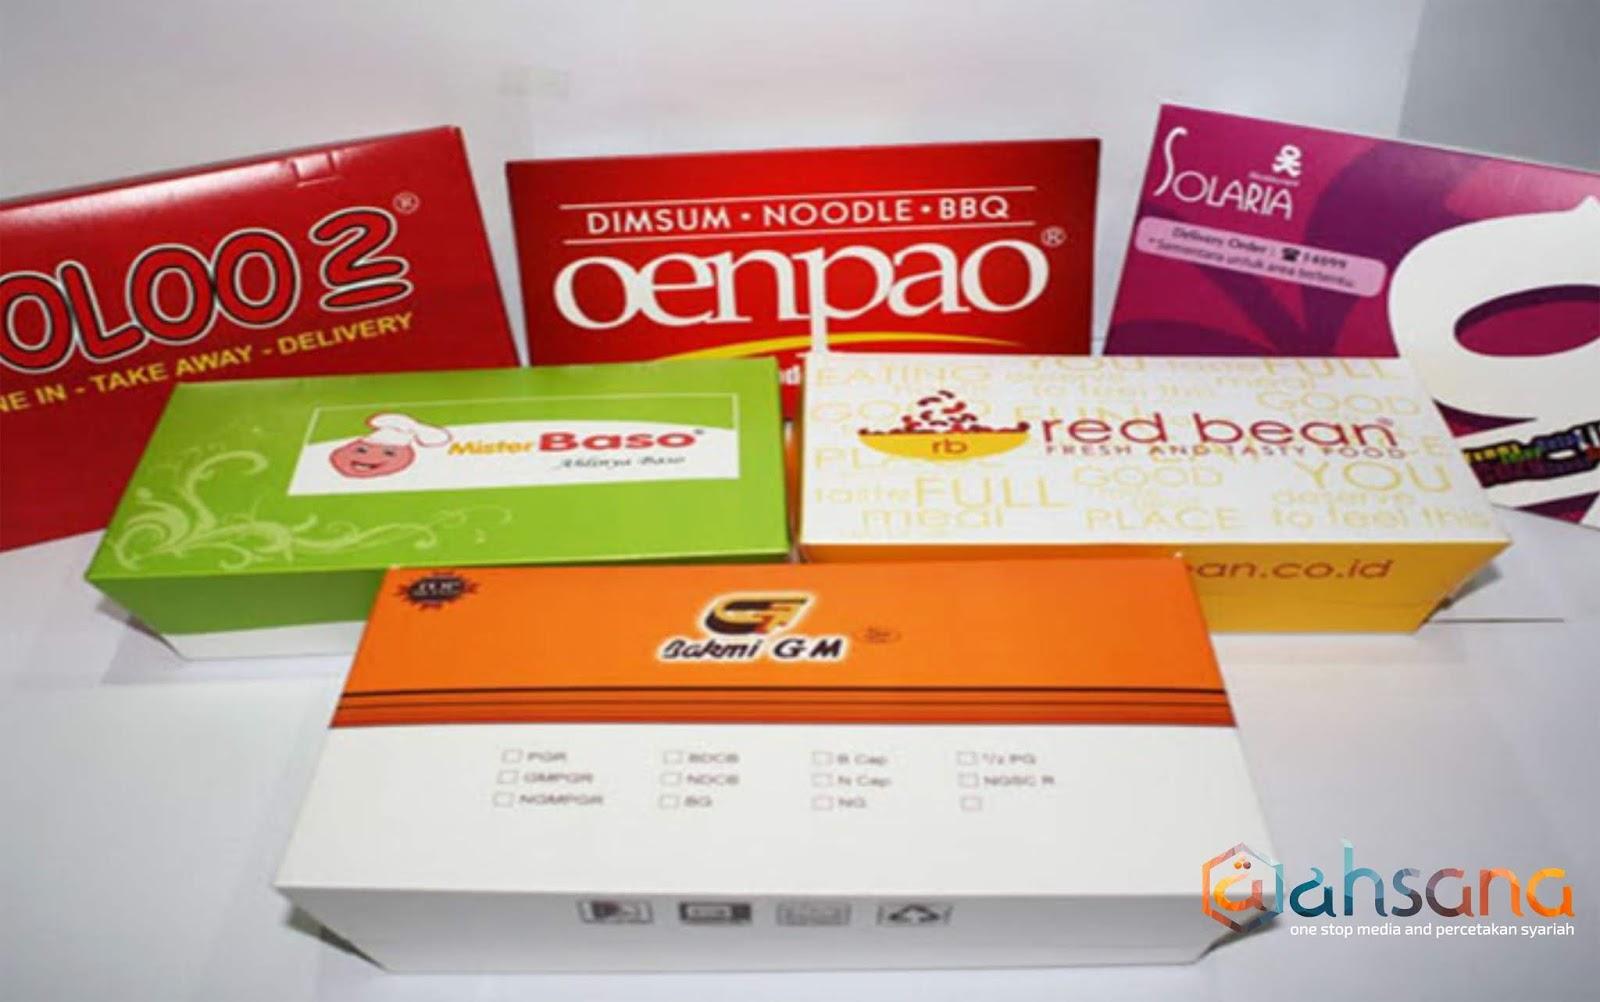 Jasa Cetak Dus Kemasan Percetakan Syariah Replikasi Cd Vcd Dvd Packing Tags Box Makanan Surabaya